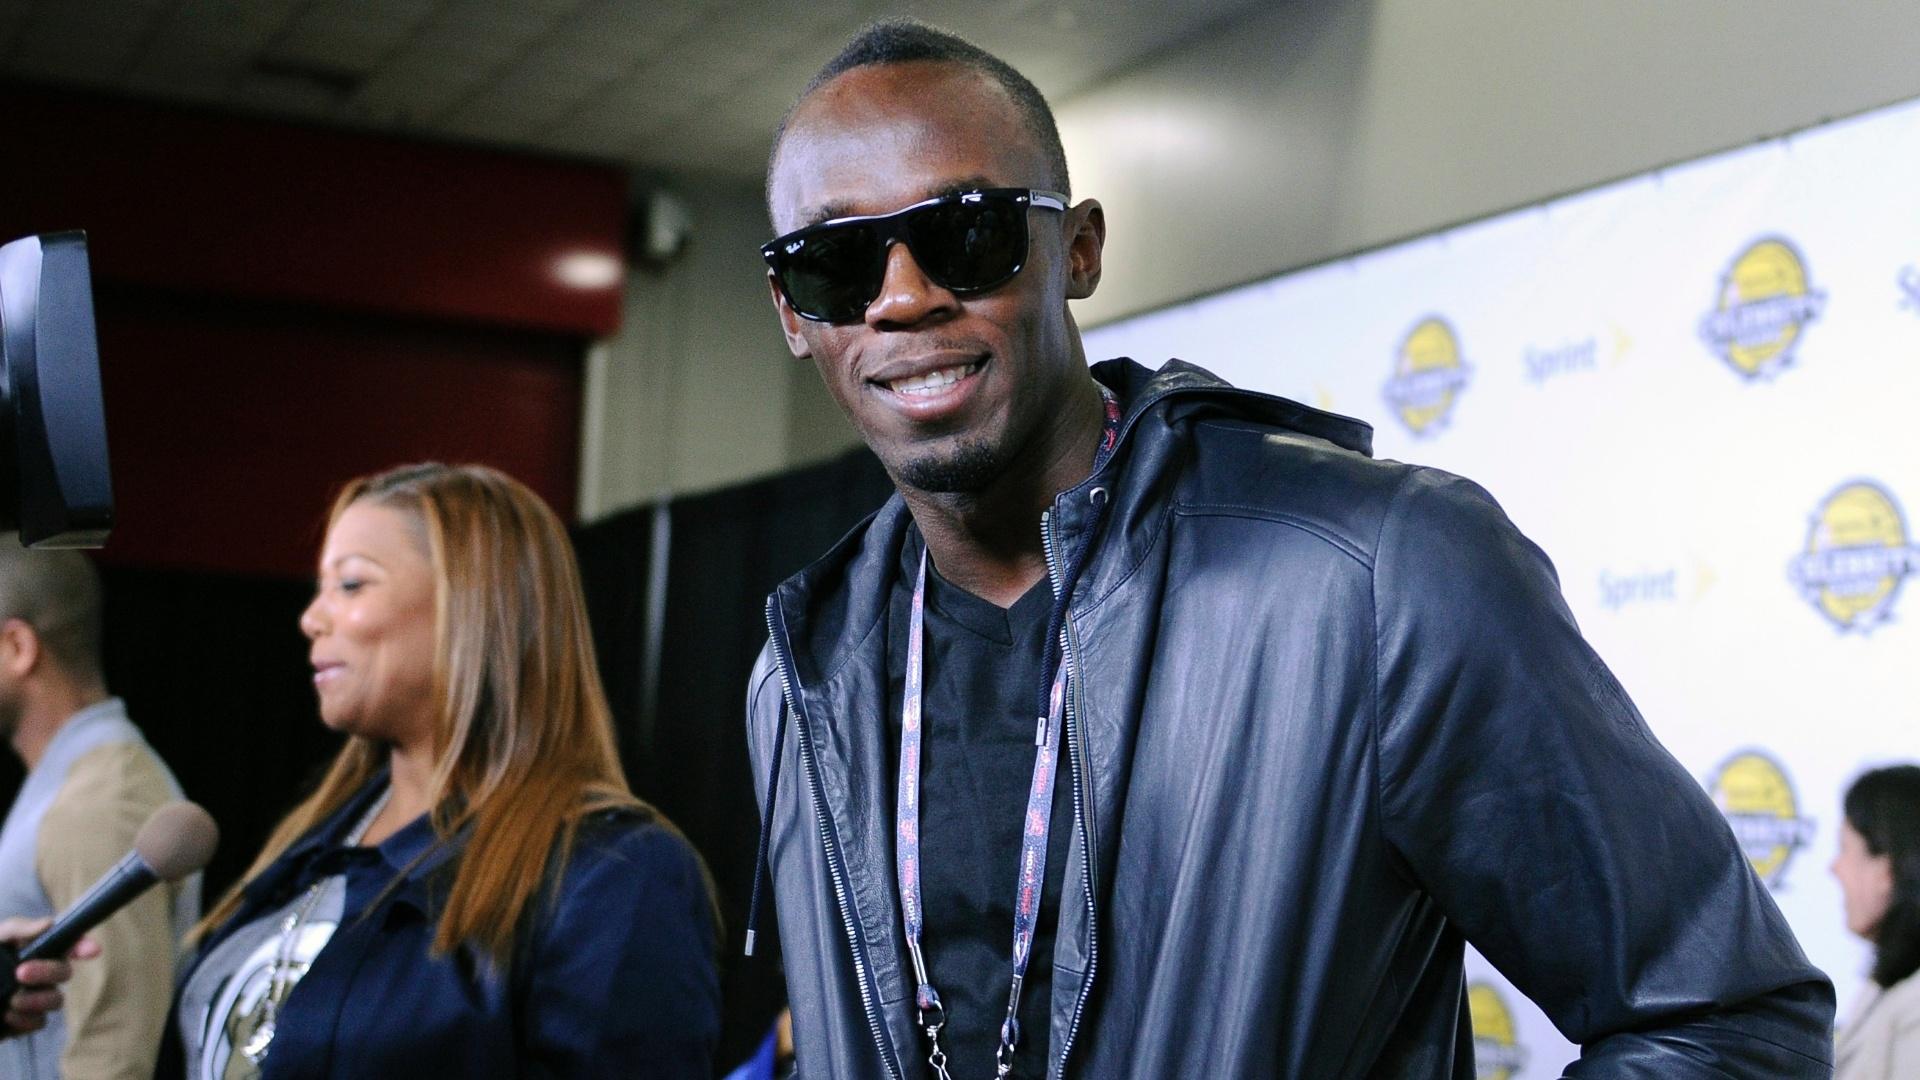 15.fev.2013 - Campeão olímpico, jamaicano Usain Bolt chega ao jogo das celebridades do All-Star Game, tradição da NBA